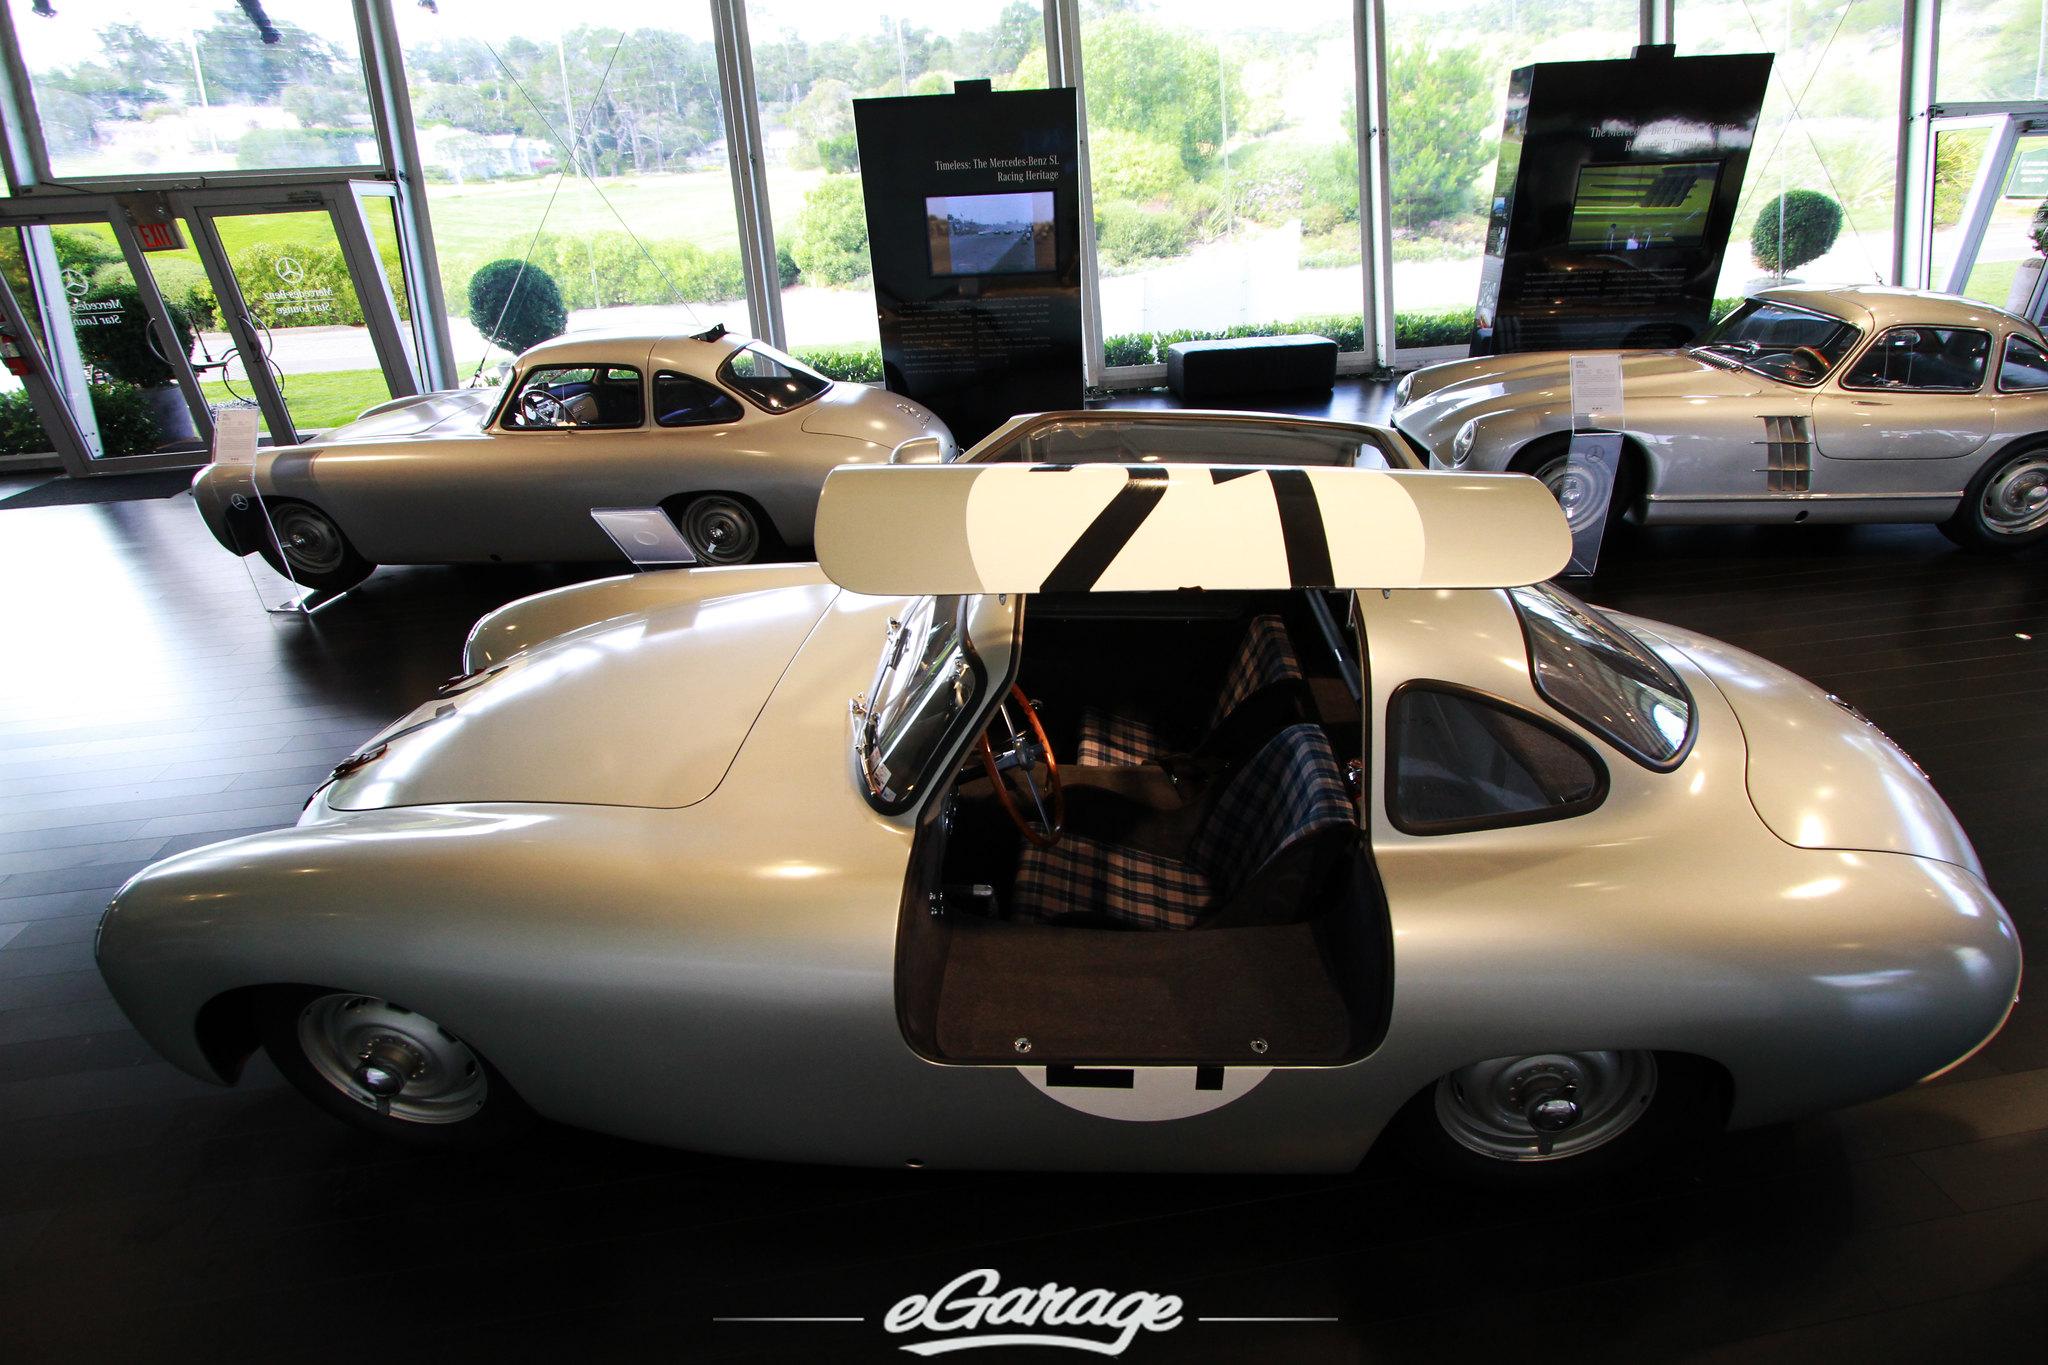 7828950306 6853fcad88 k Mercedes Benz Classic